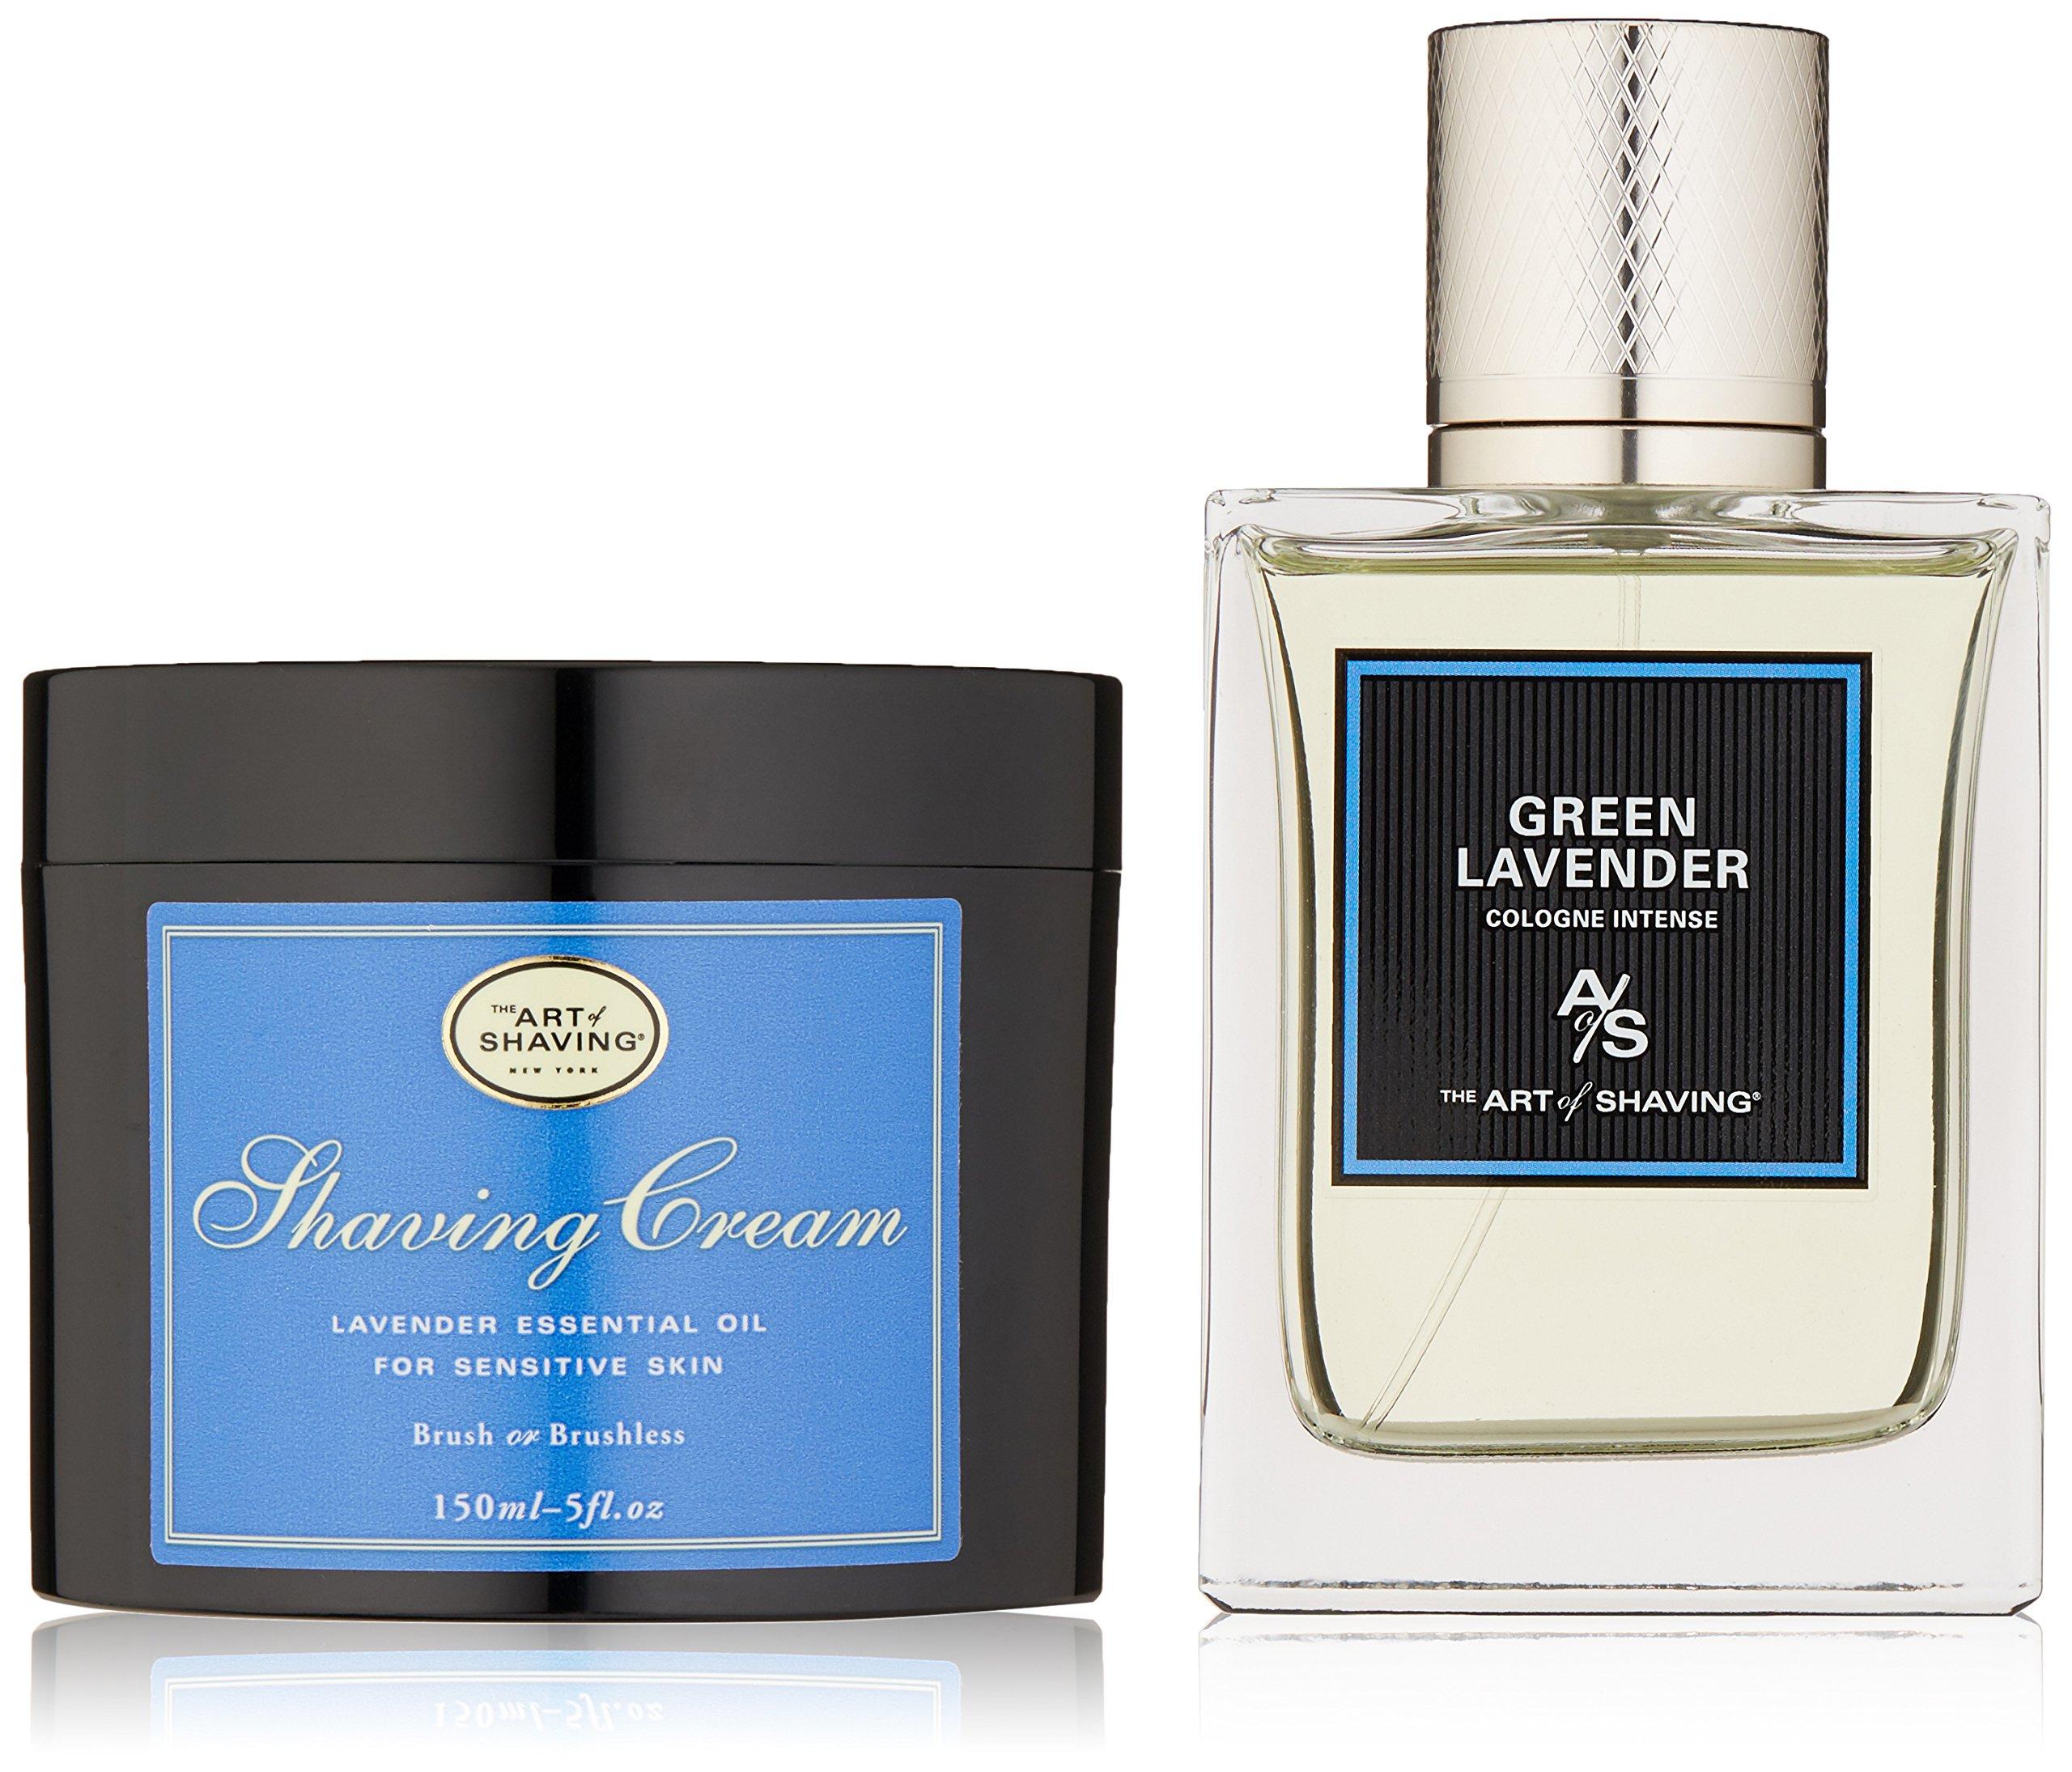 The Art of Shaving 2 Piece Fragrance Gift Set, Lavender by The Art of Shaving